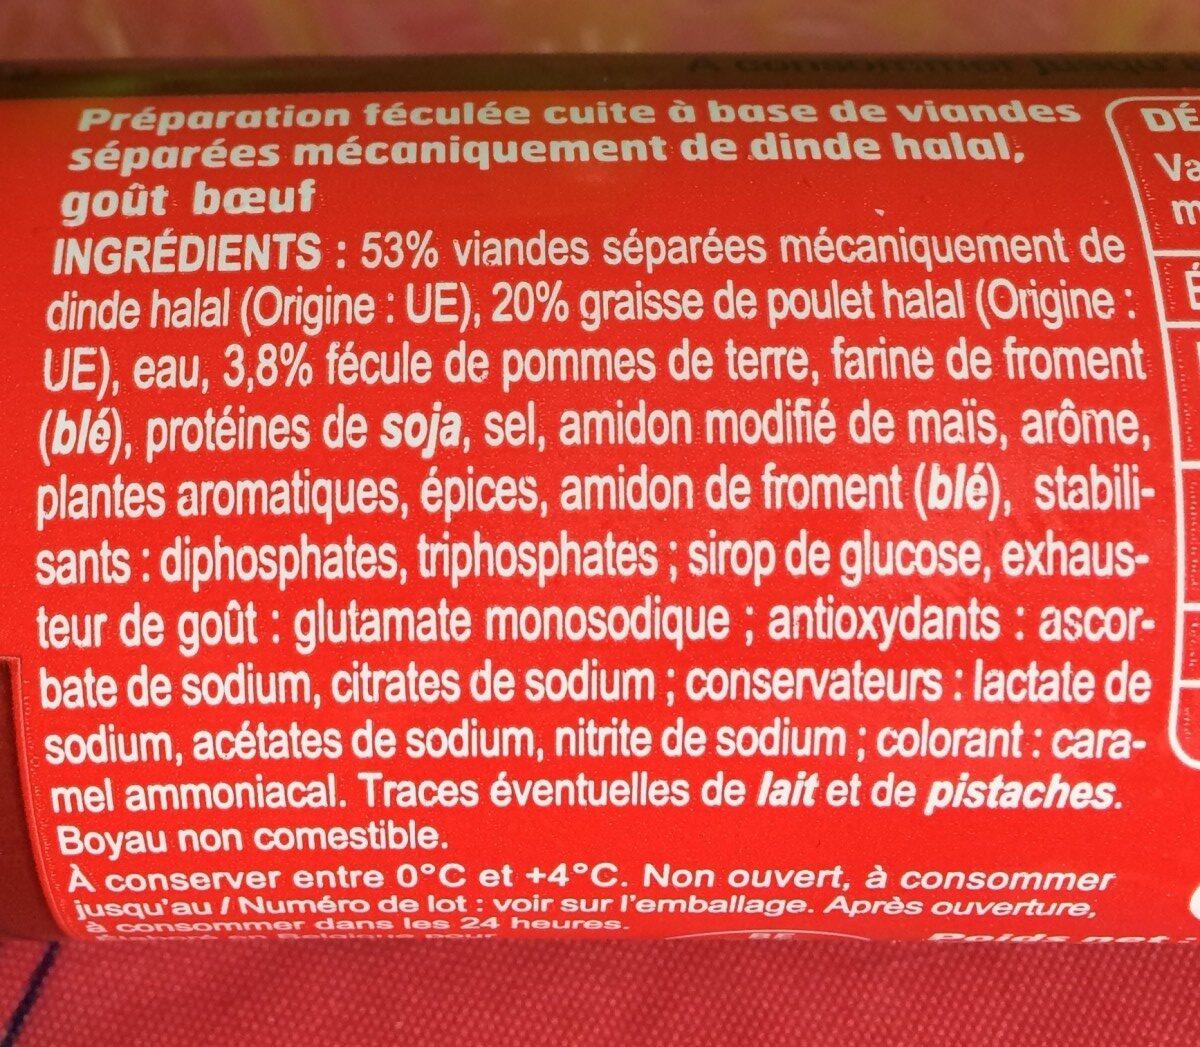 Halal cachir goût boeuf - Ingredients